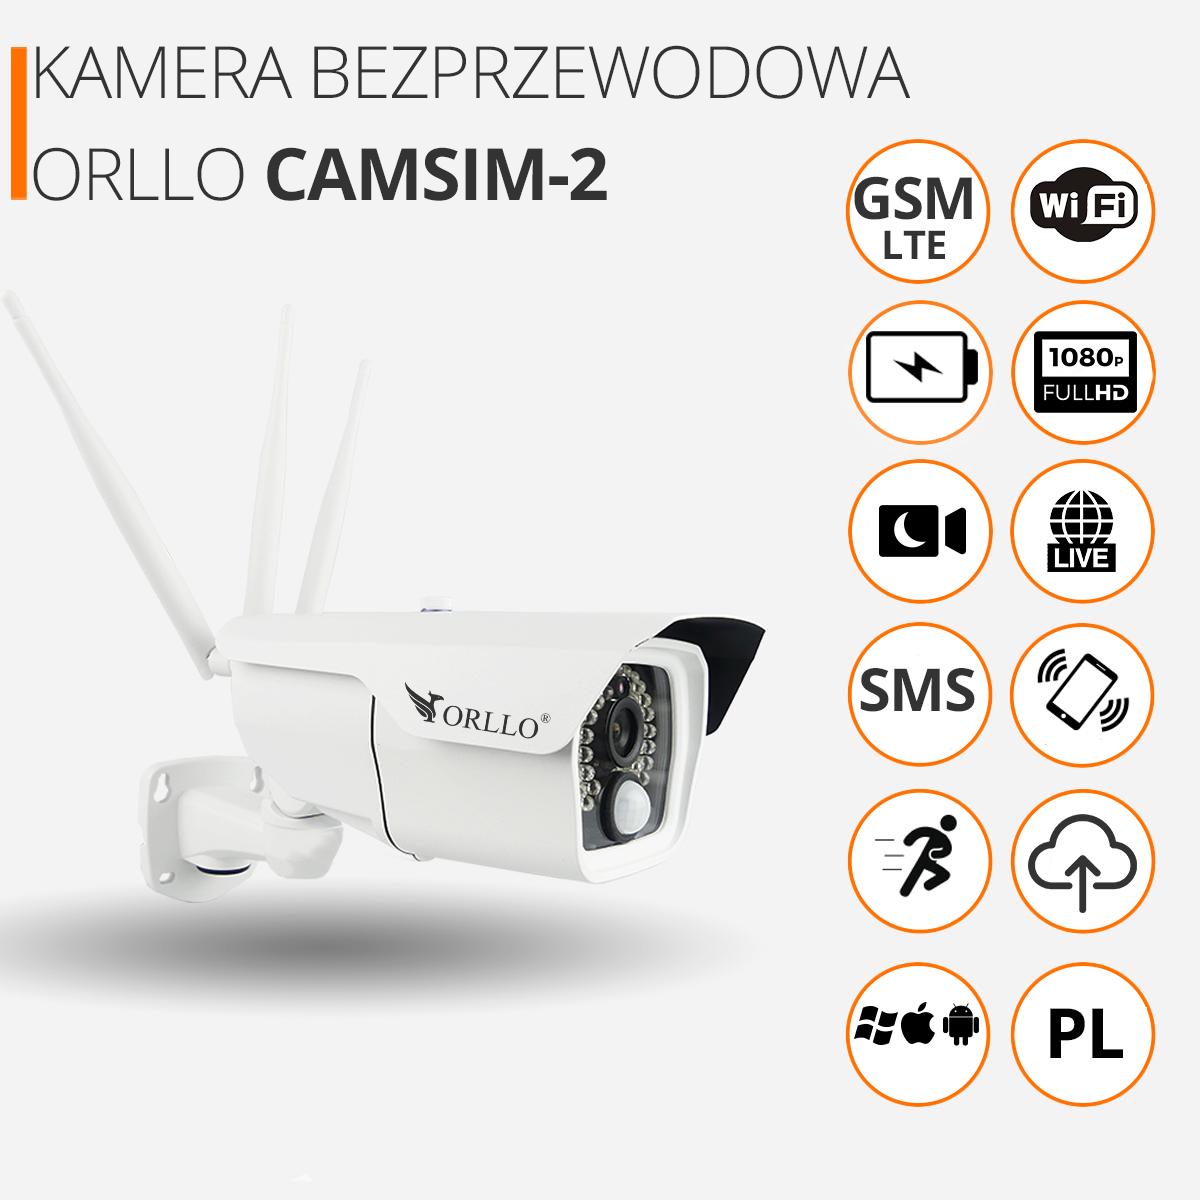 kamera-bezprzewodowa-wifi-camsim-2-funkcje-orllo-pl